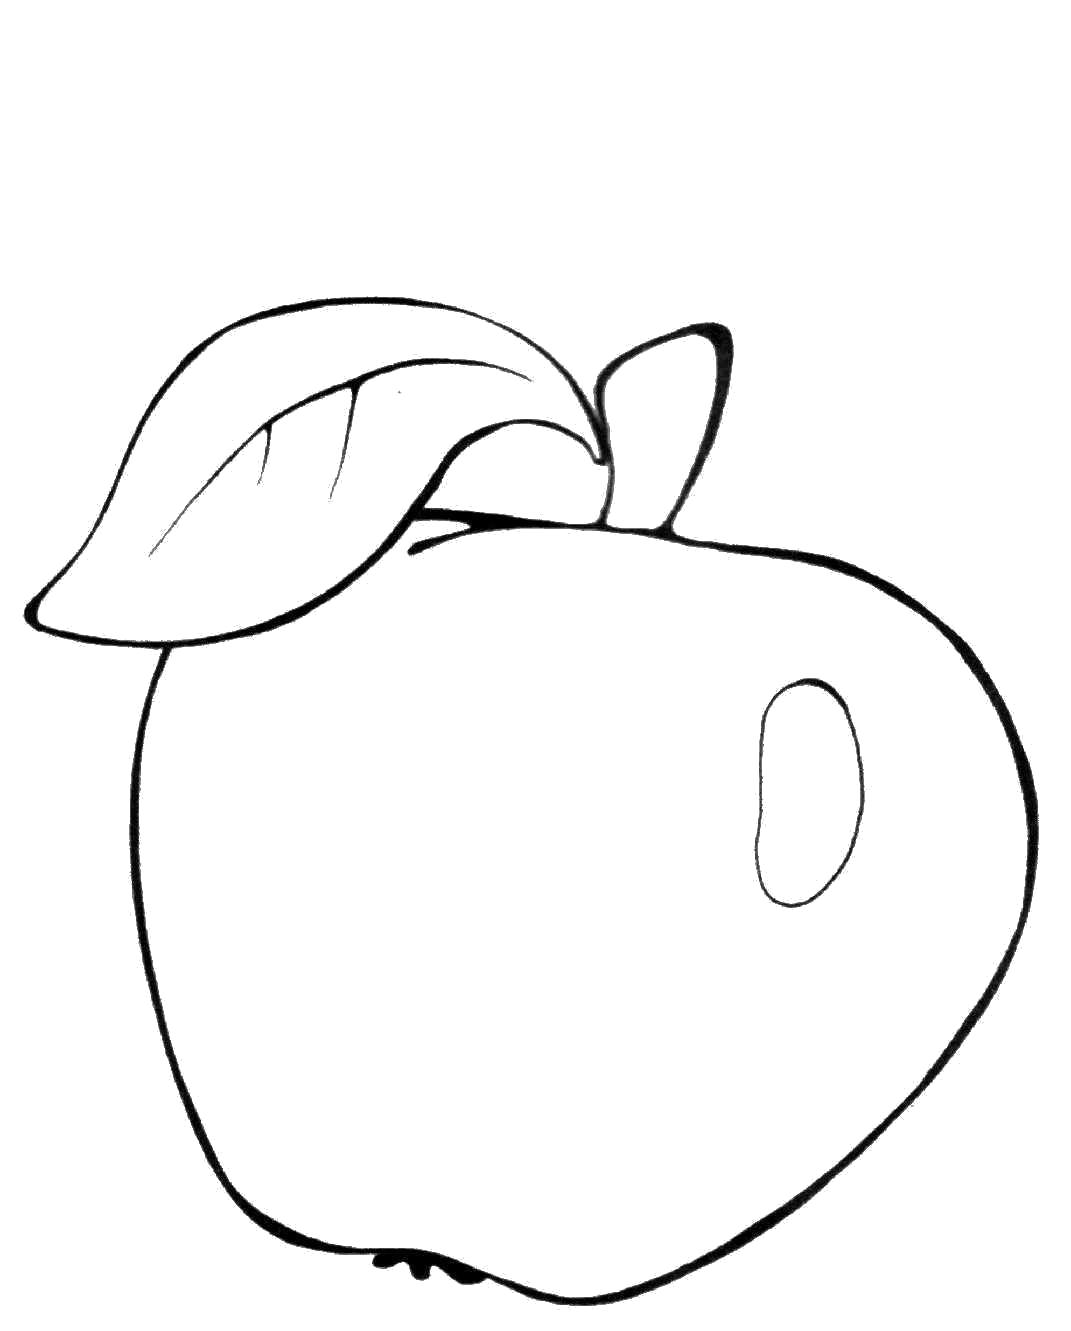 Название: Раскраска Раскраска яблоко для детей, яблоко, овощи яблоко. Категория: яблоко. Теги: яблоко.